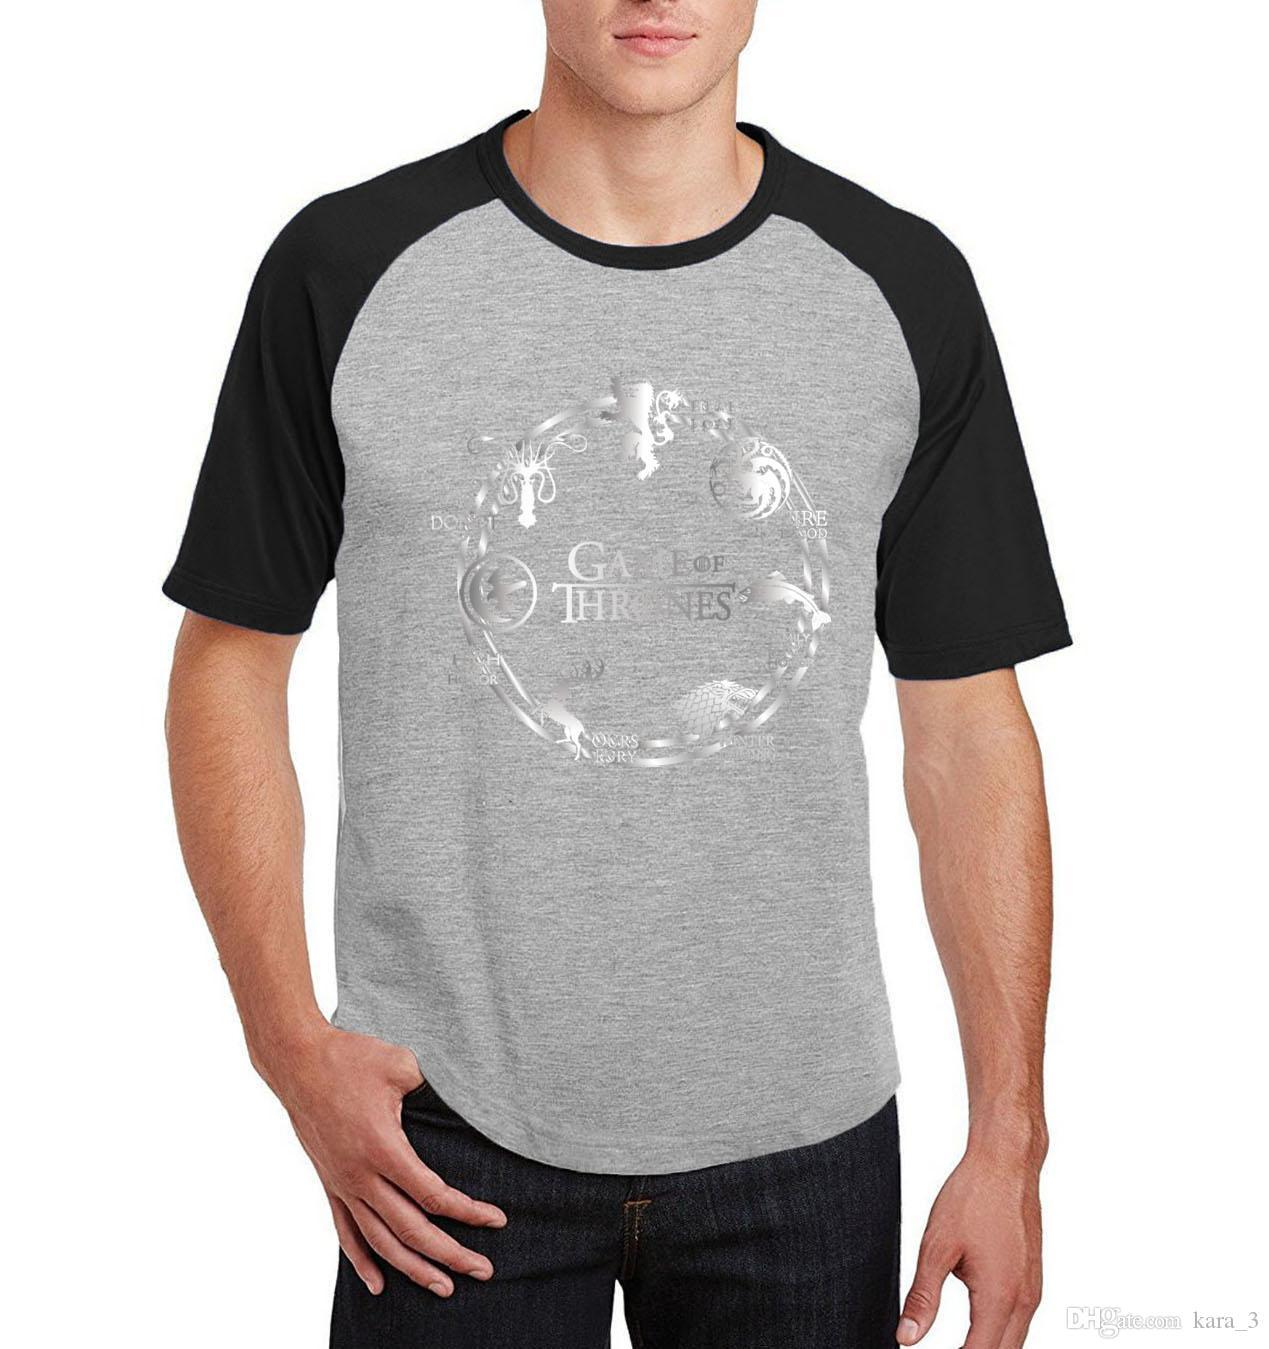 5a94701fe9 Compre Jogo Dos Tronos Raglan Manga Curta Camisetas Novidade Inverno Está  Vindo U Camisetas Homens 2018 Verão Camisetas De Algodão De Kara 3